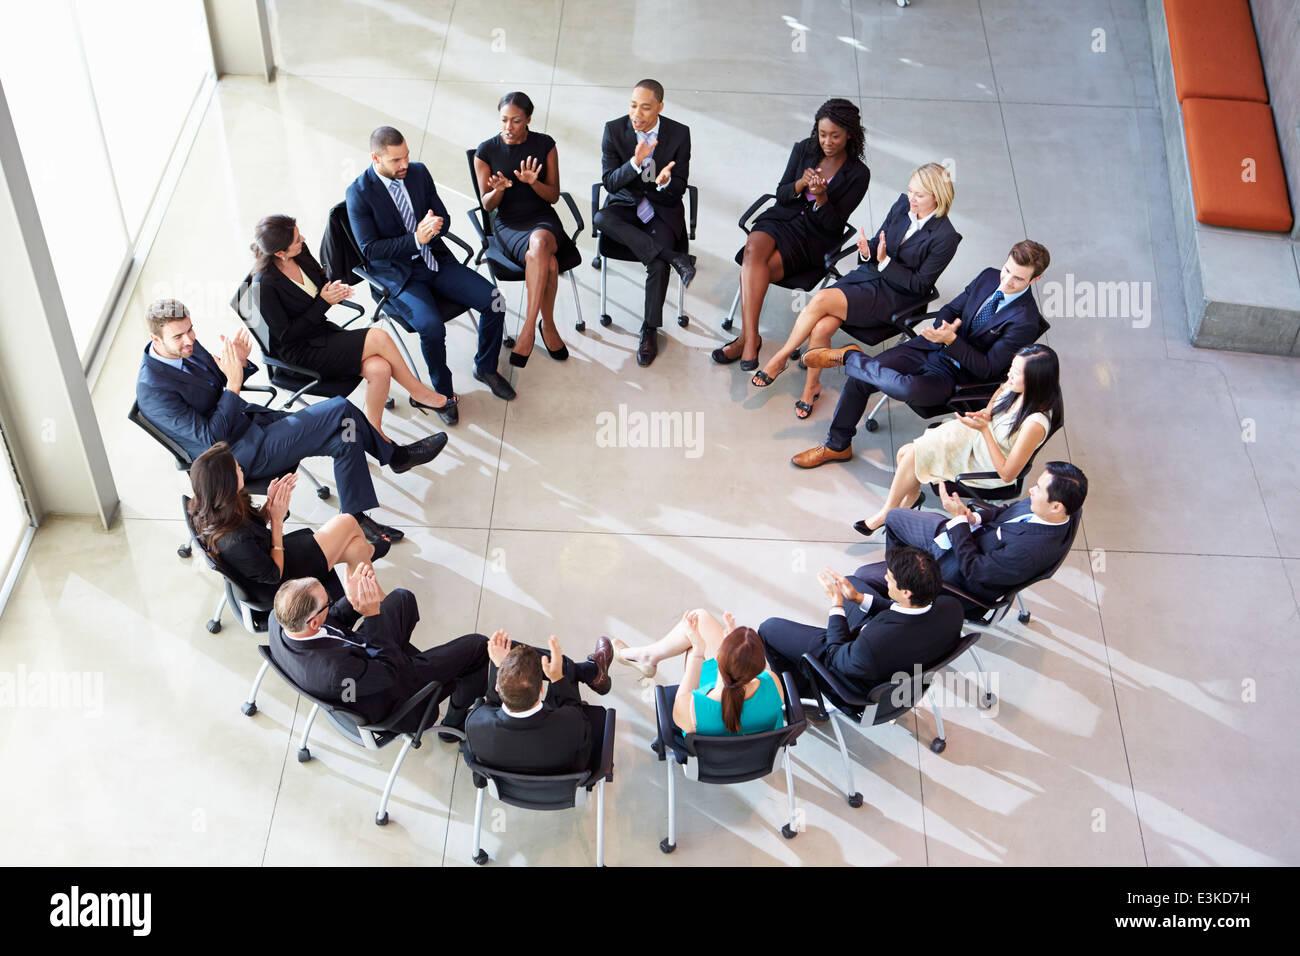 Multiculturale Ufficio Personale applaudire durante la riunione Immagini Stock